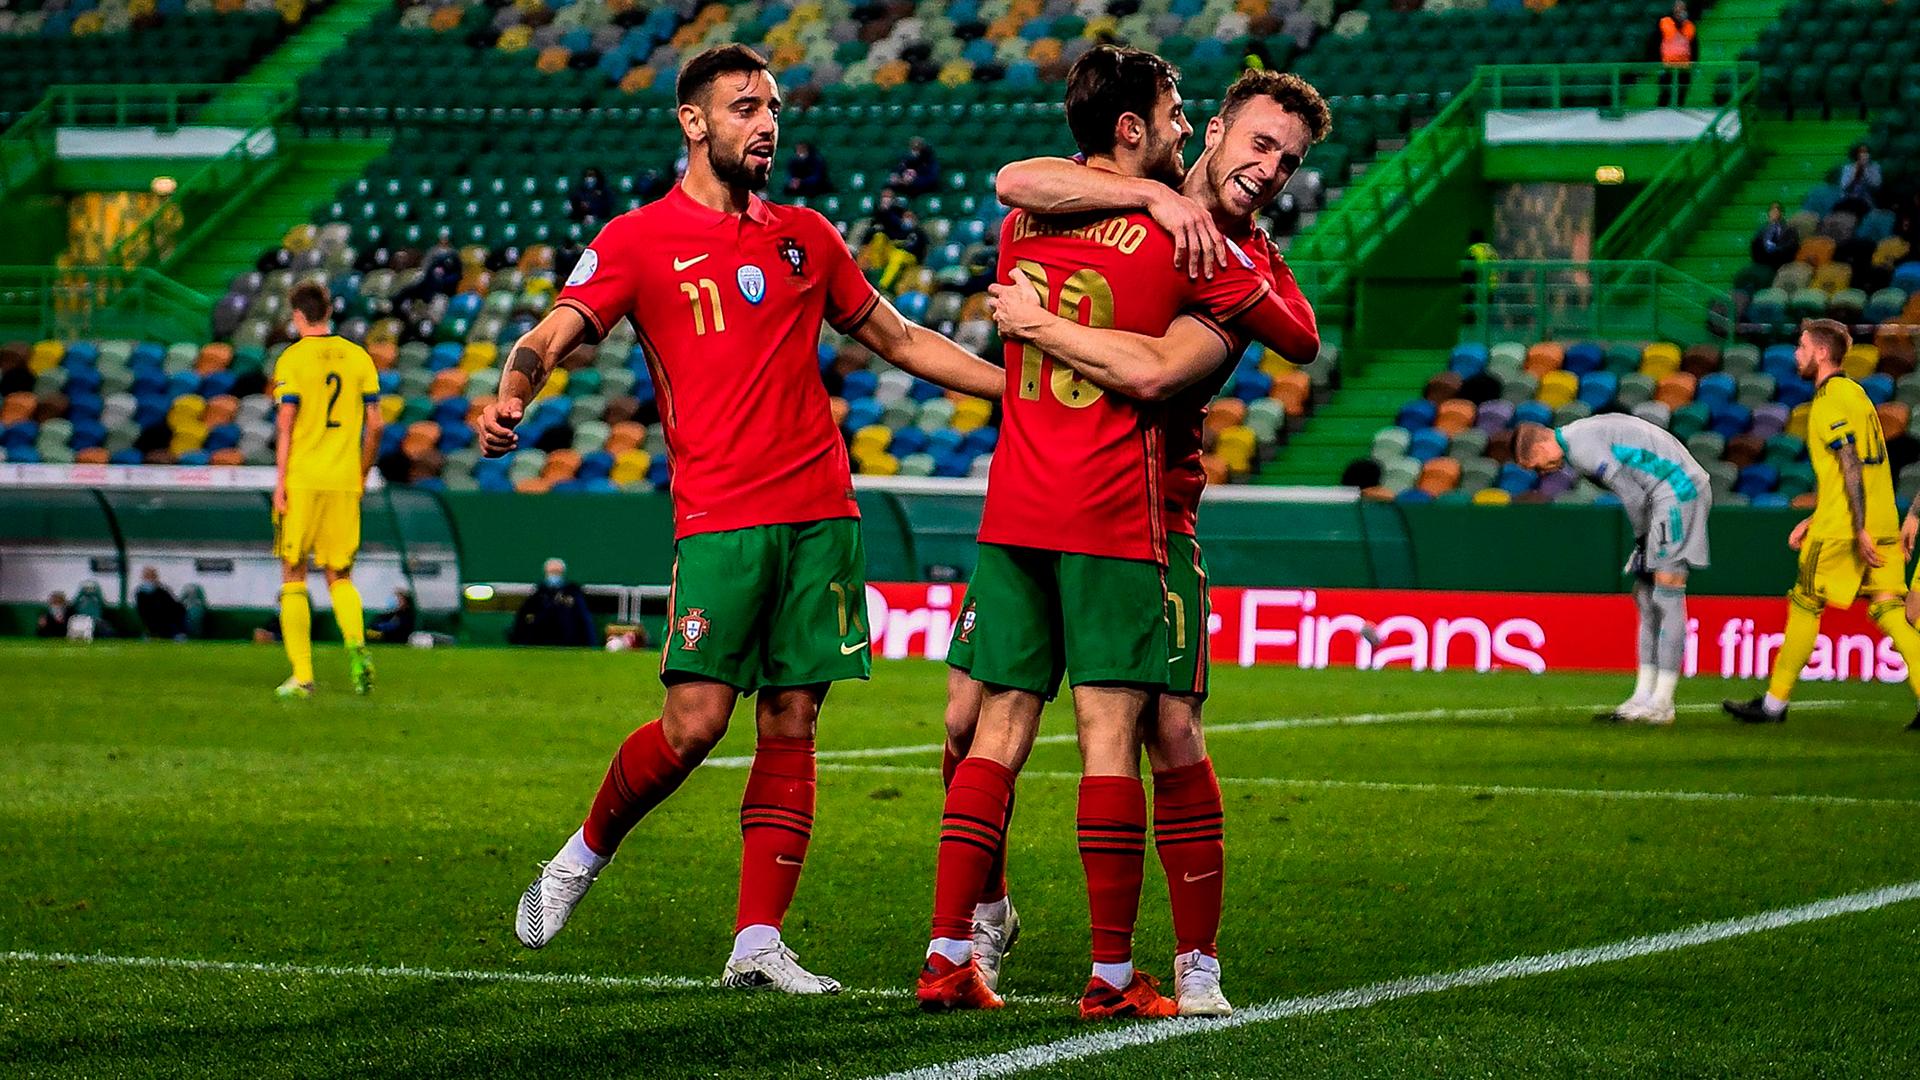 スウェーデン ポルトガル 対